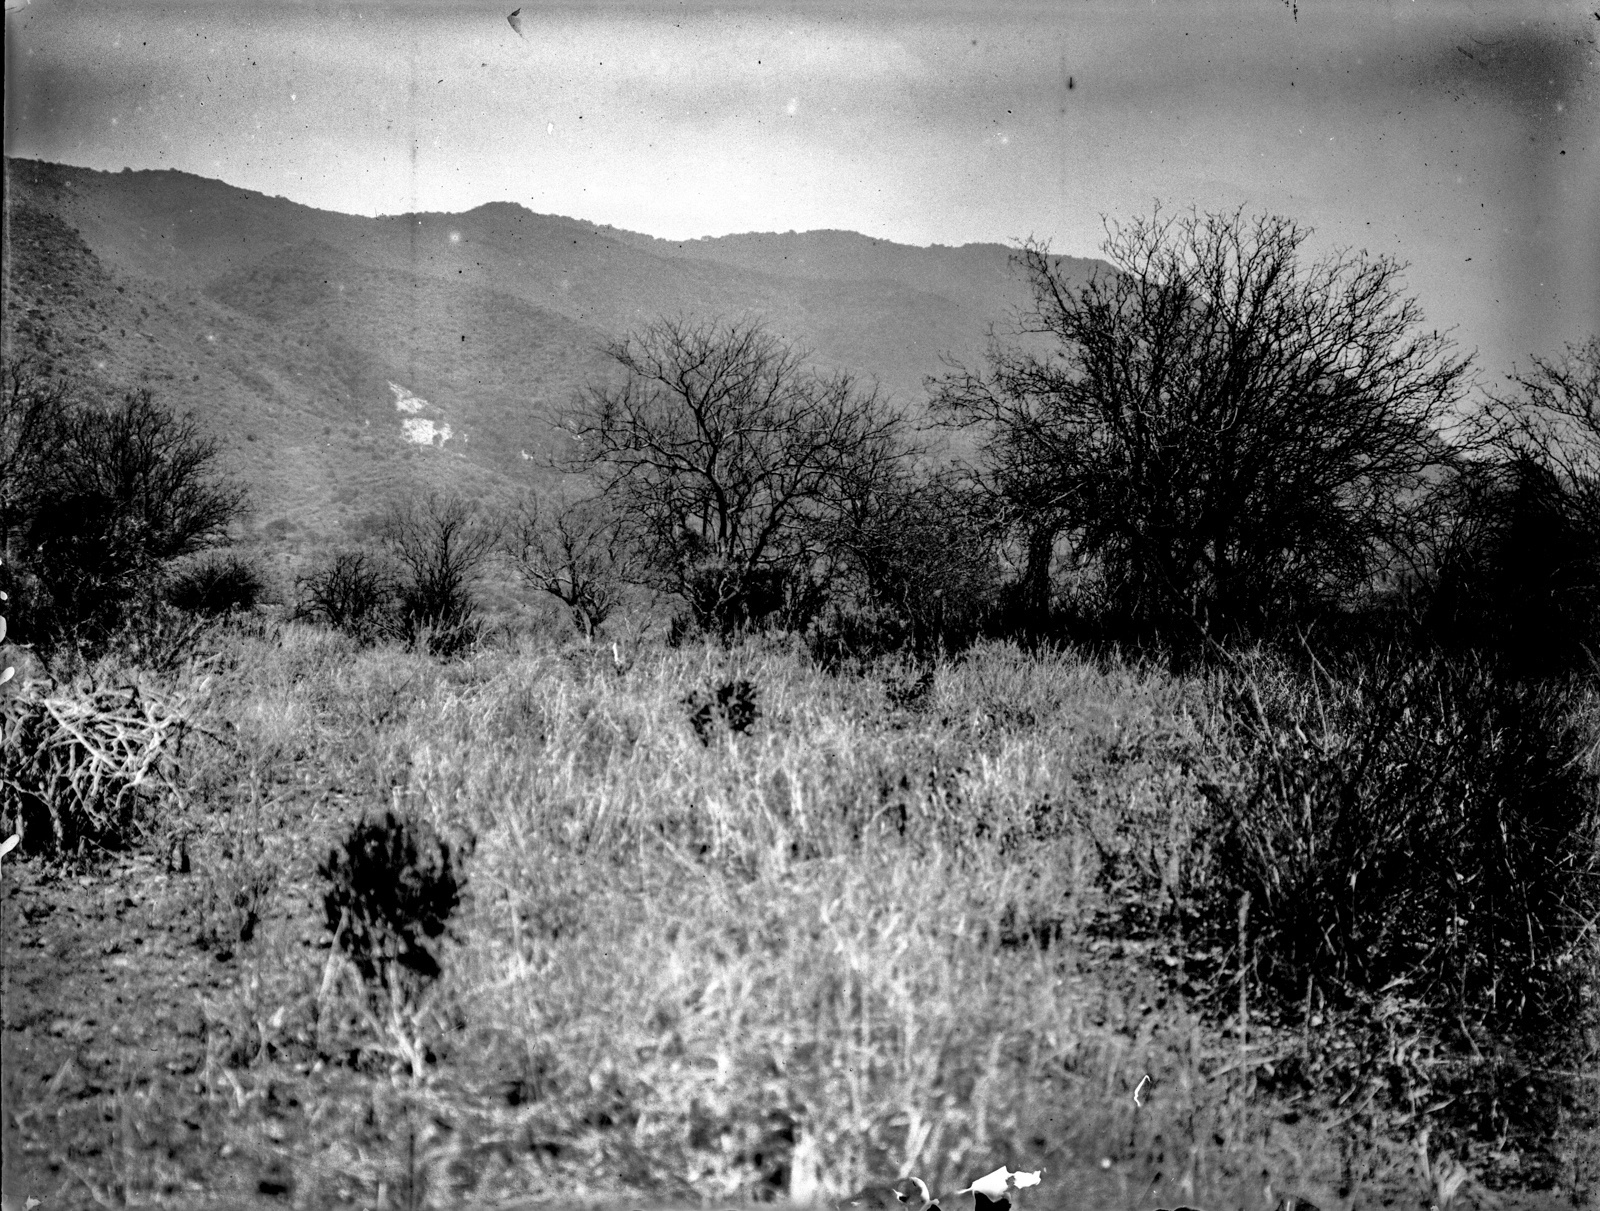 201. Травы и кустарники перед горным хребтом